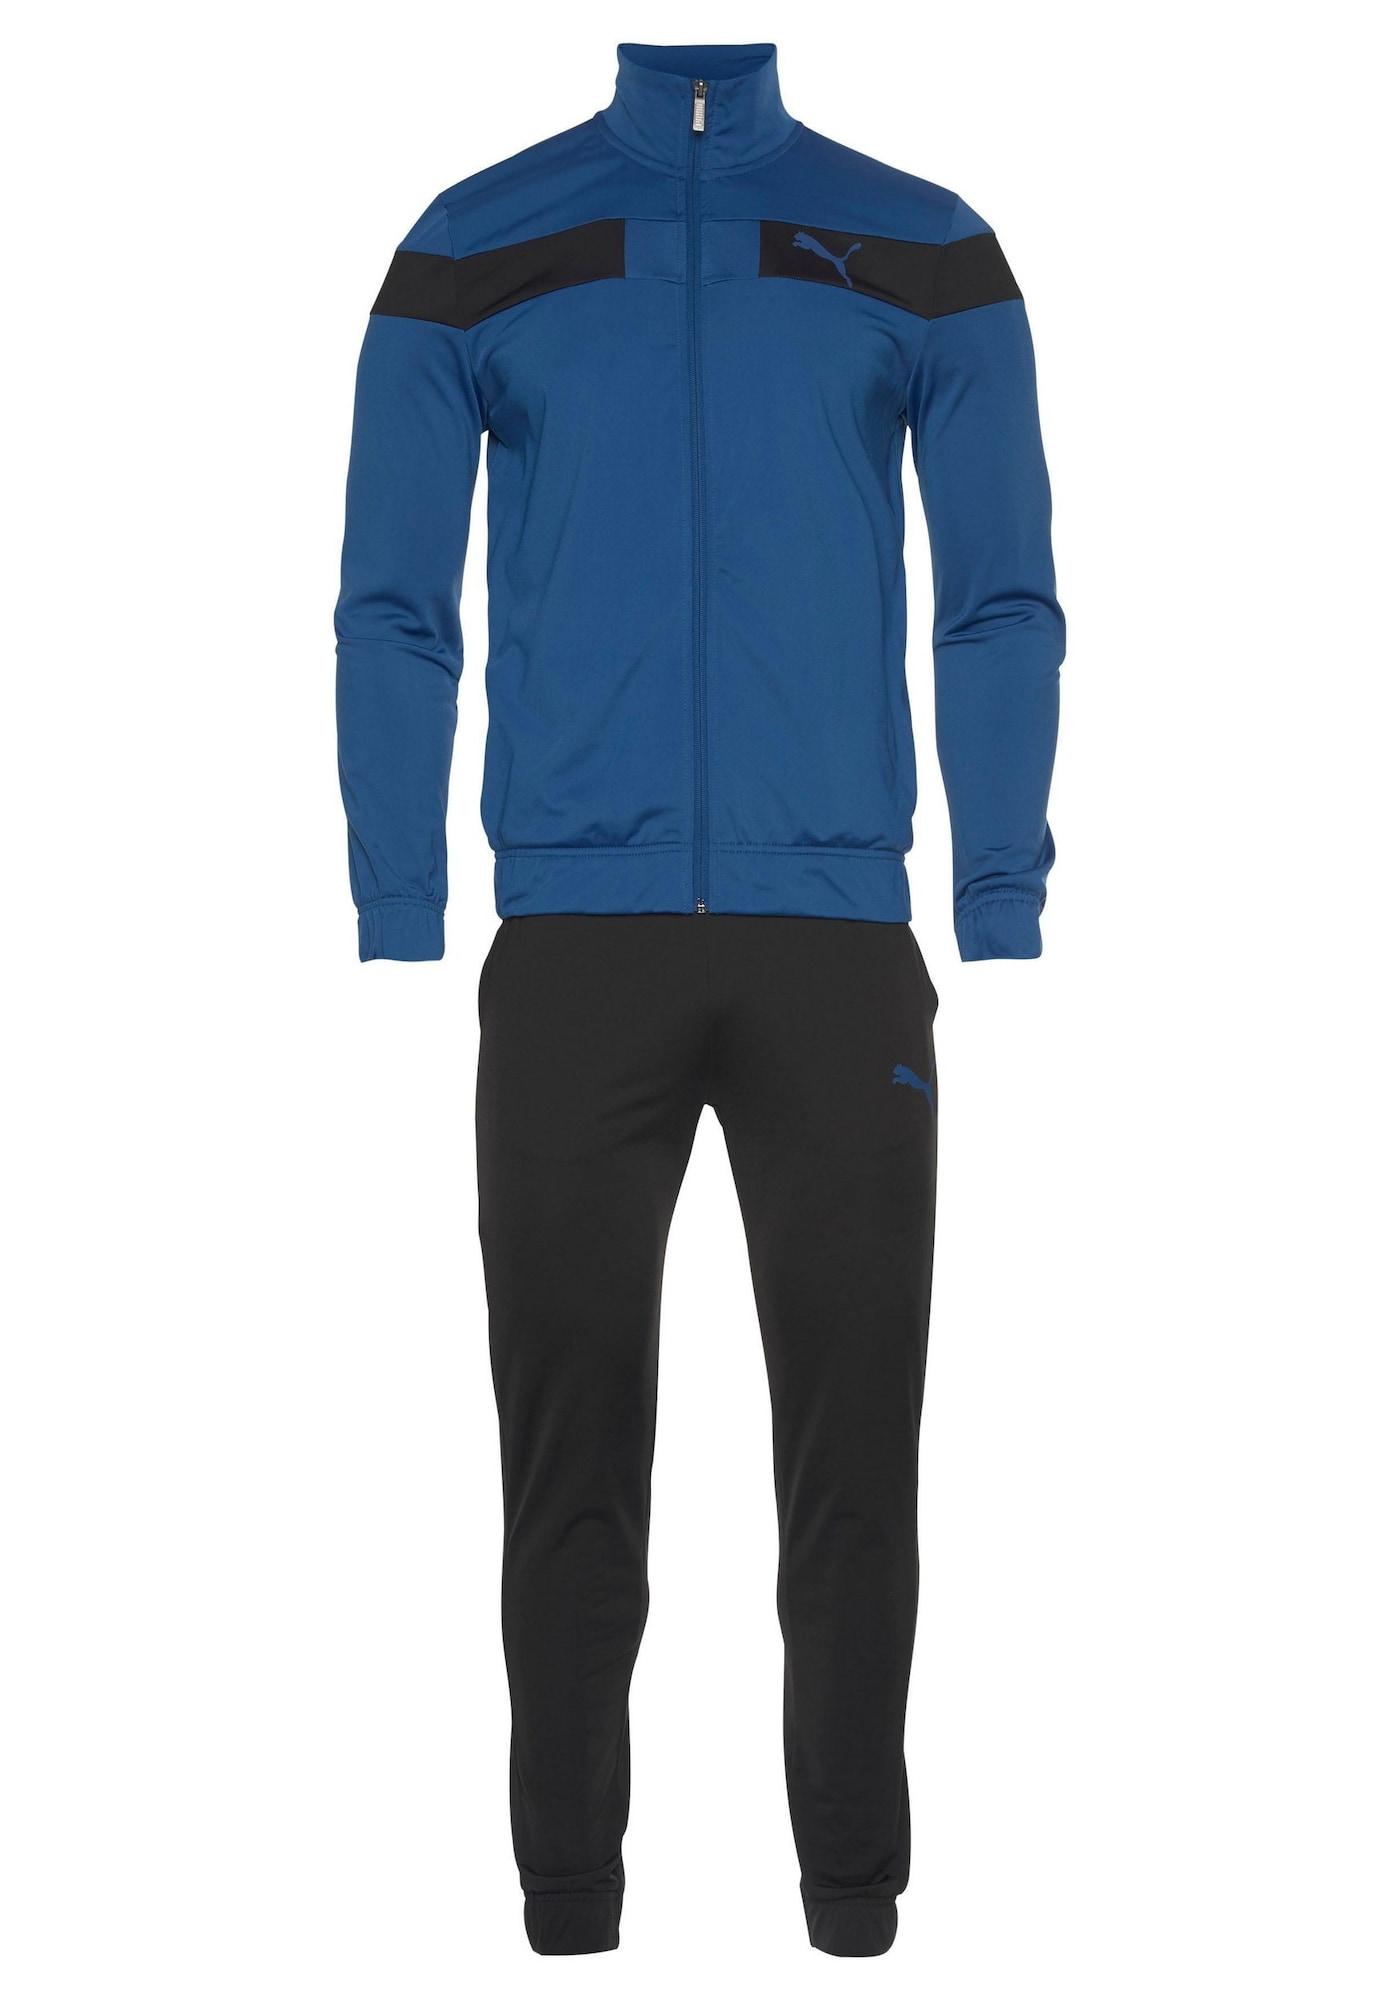 Trainingsanzug | Sportbekleidung > Sportanzüge > Trainingsanzüge | Blau - Schwarz | Puma